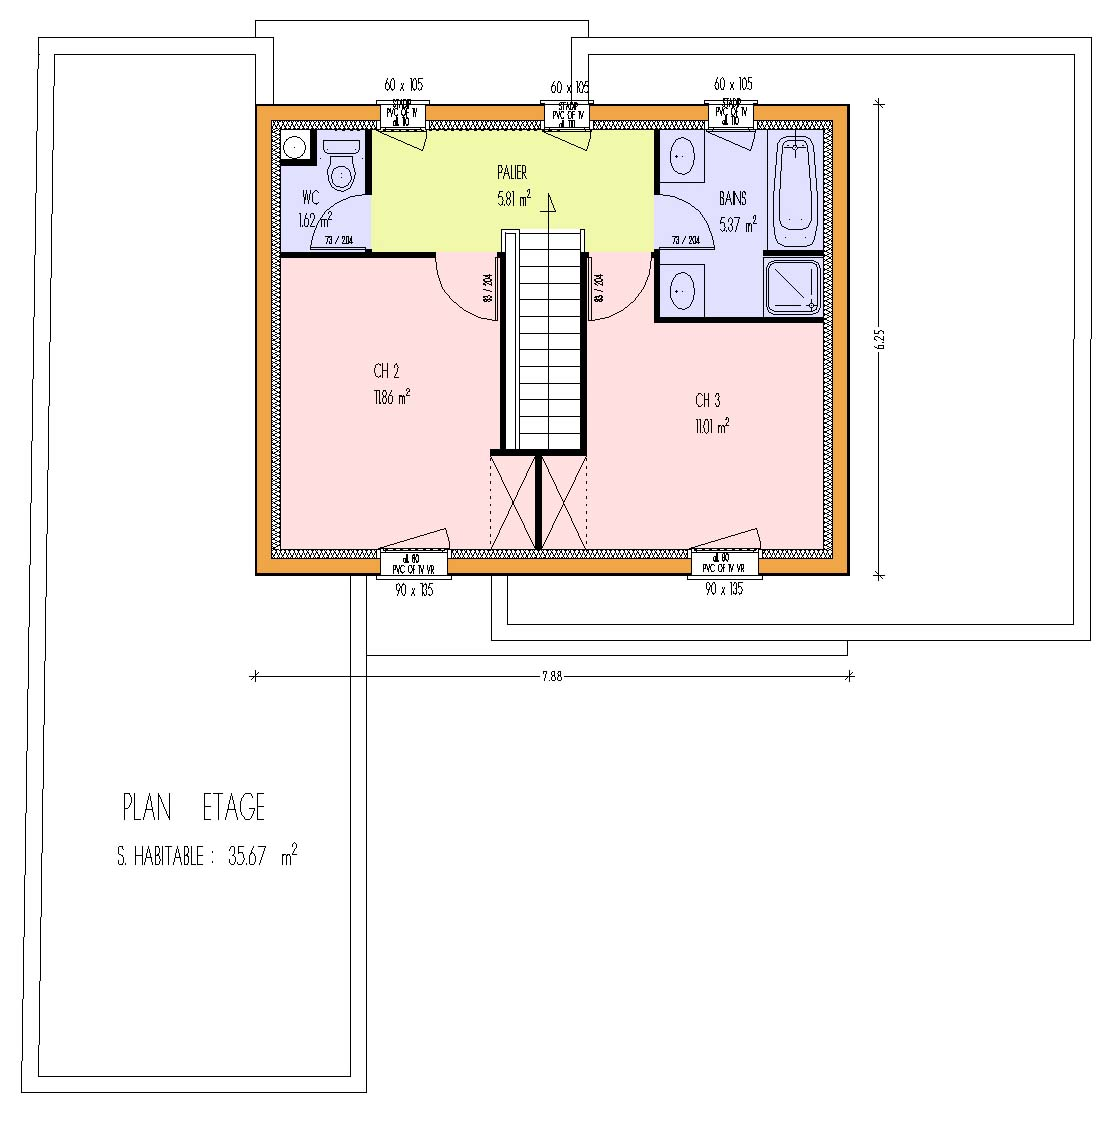 Plan maison 2 chambres rdc 2 chambres etage - Idées de travaux